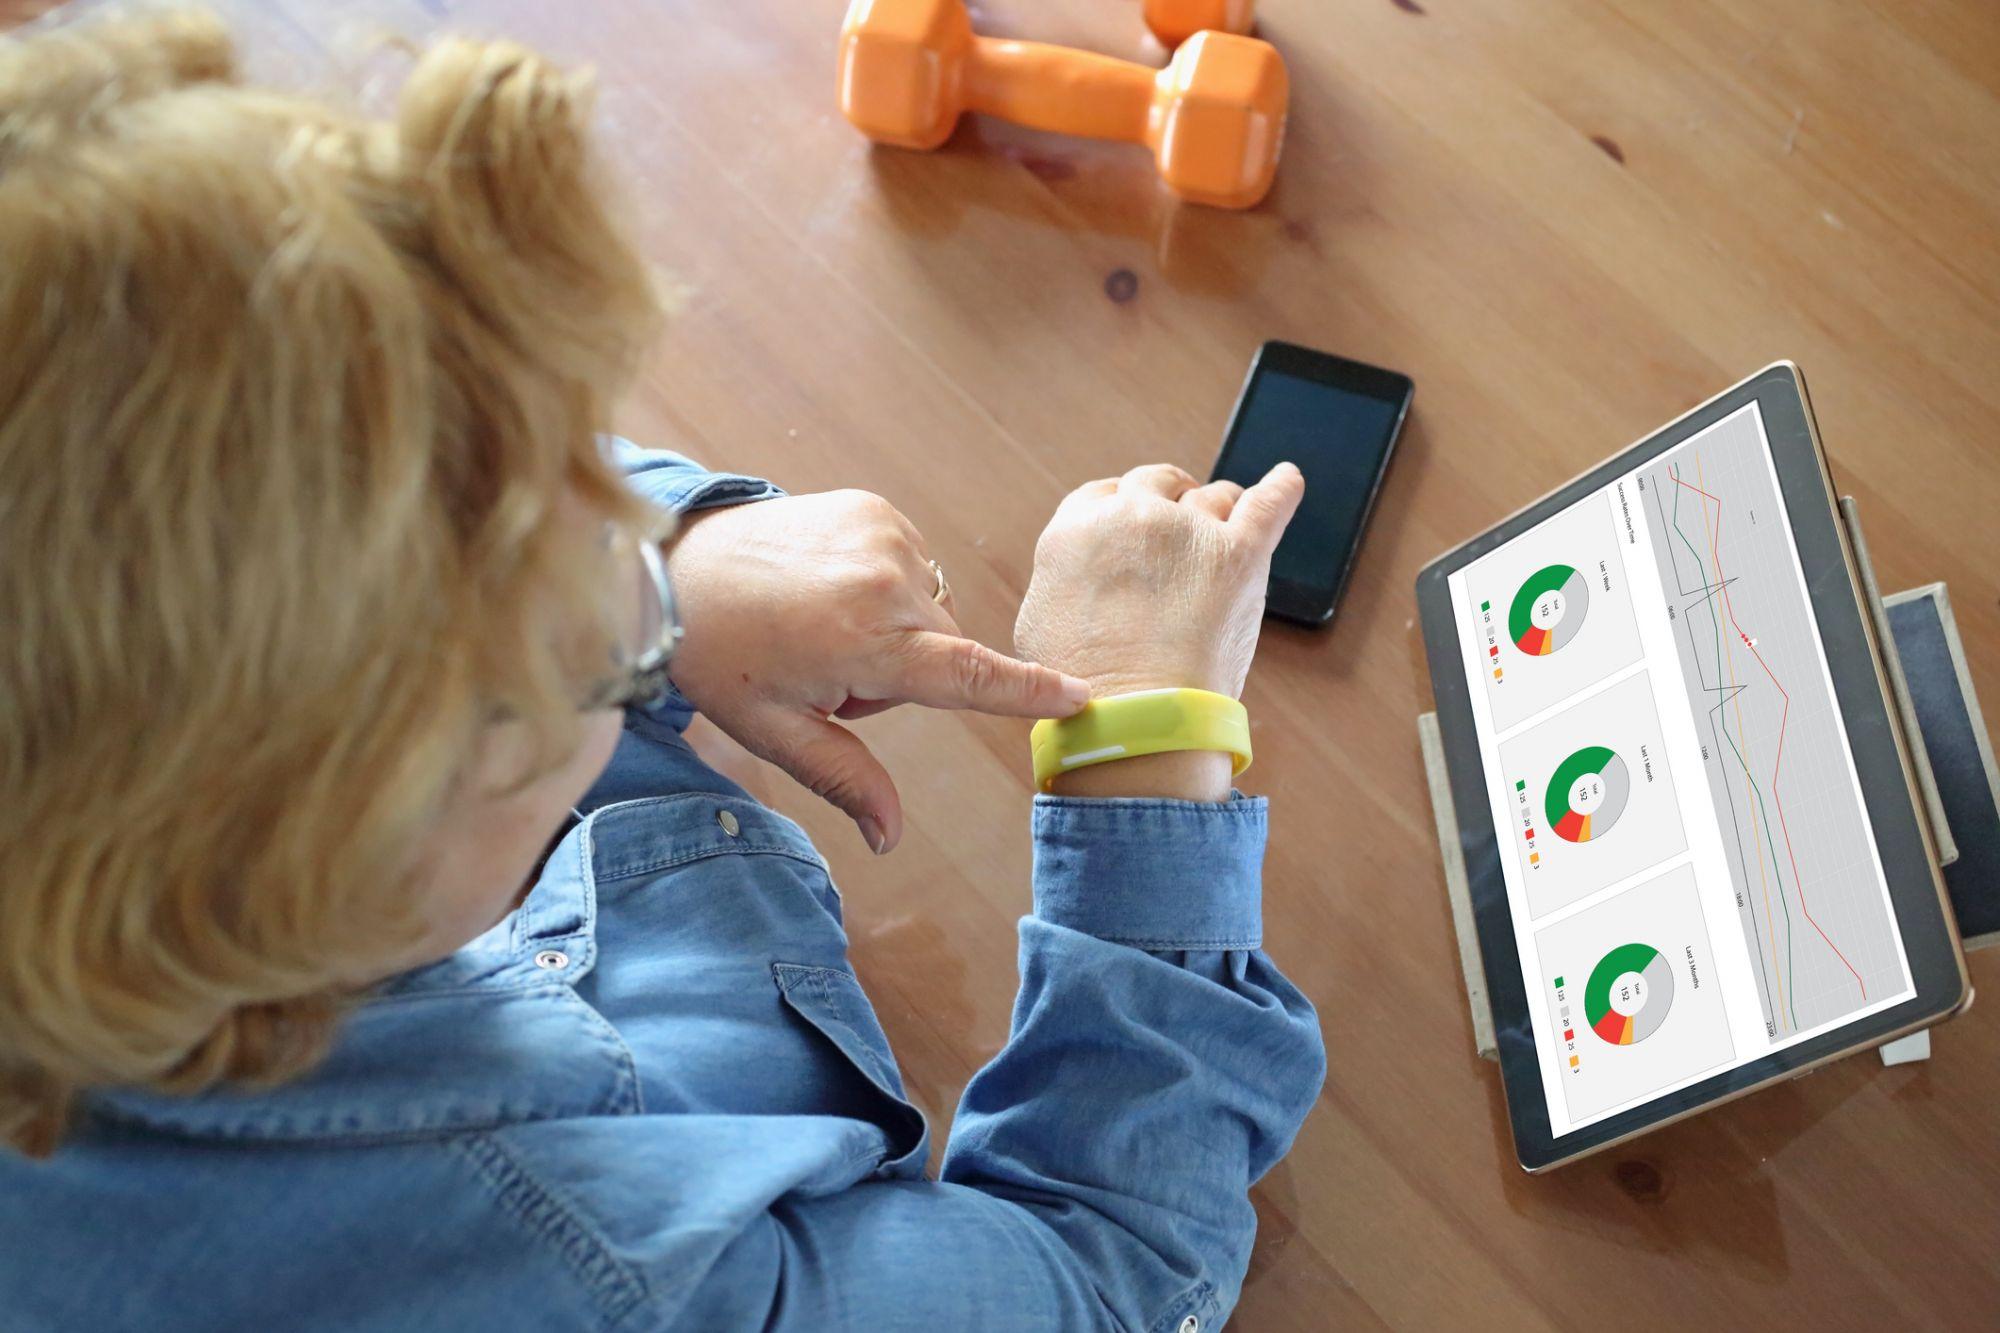 کارآفرینان چطور میتوانند با کمک هوش مصنوعی به آینده سالخوردگی مبارزه کنند